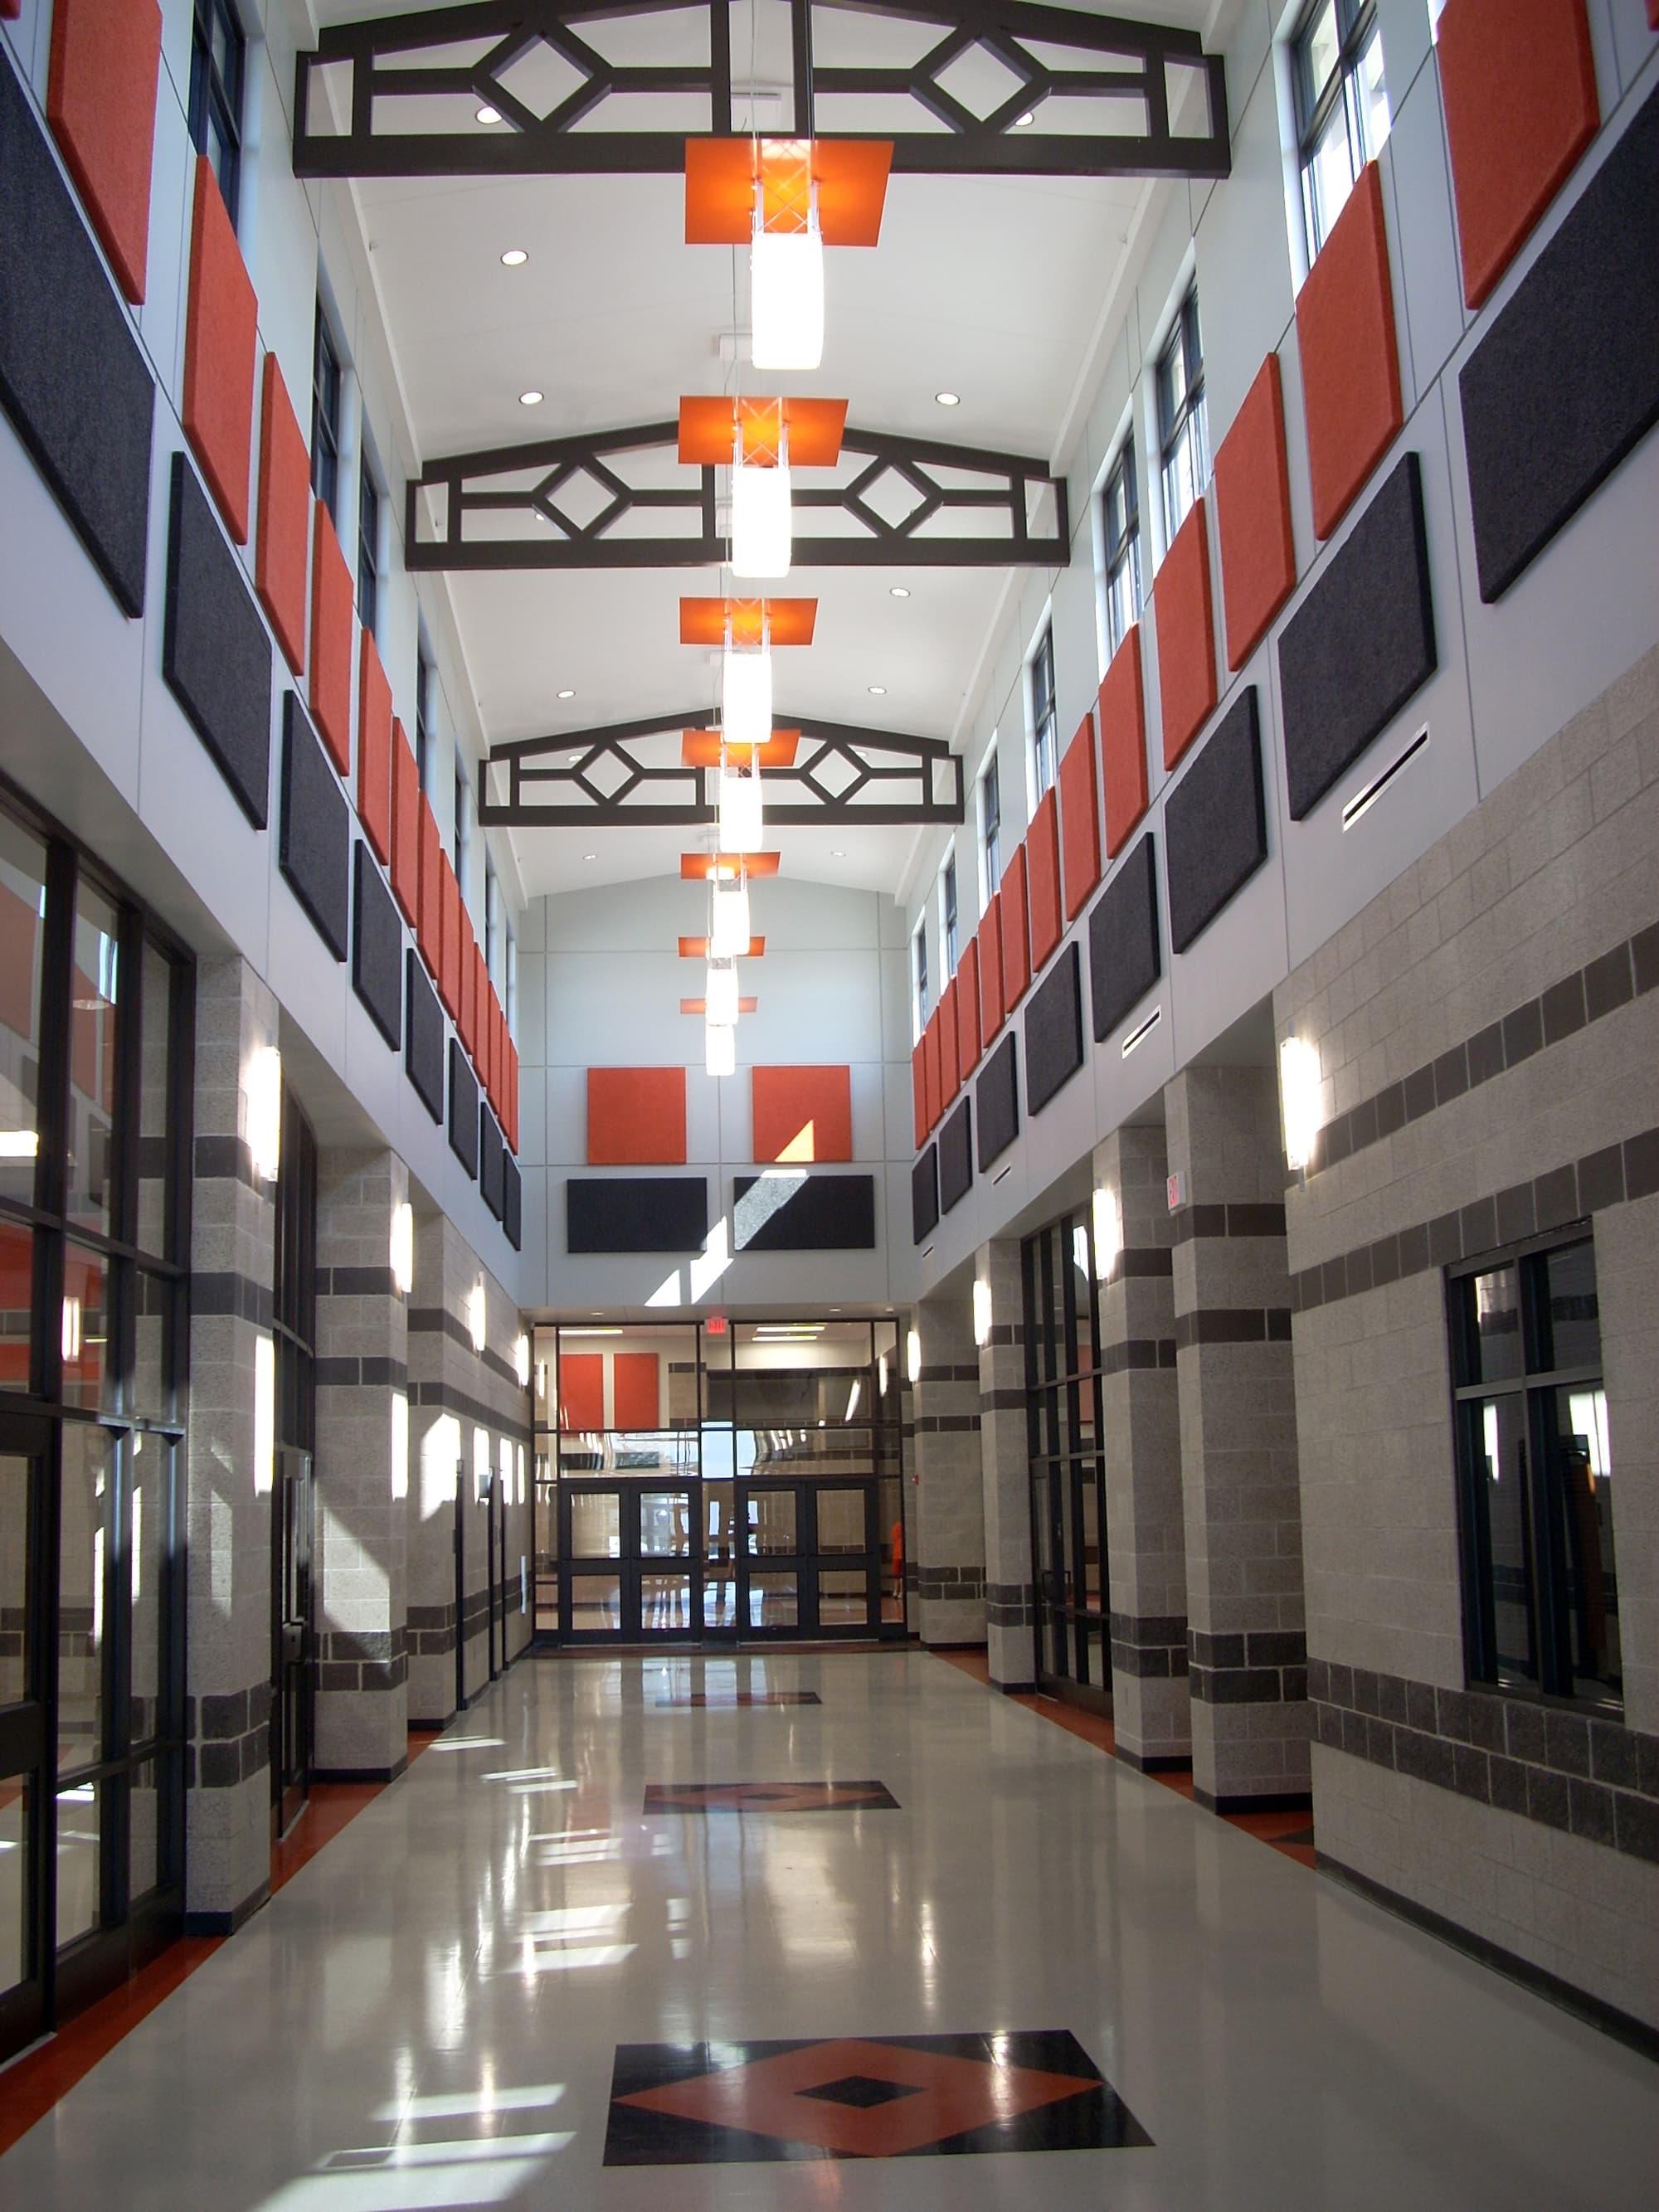 Sallisaw MS - Corridor 1